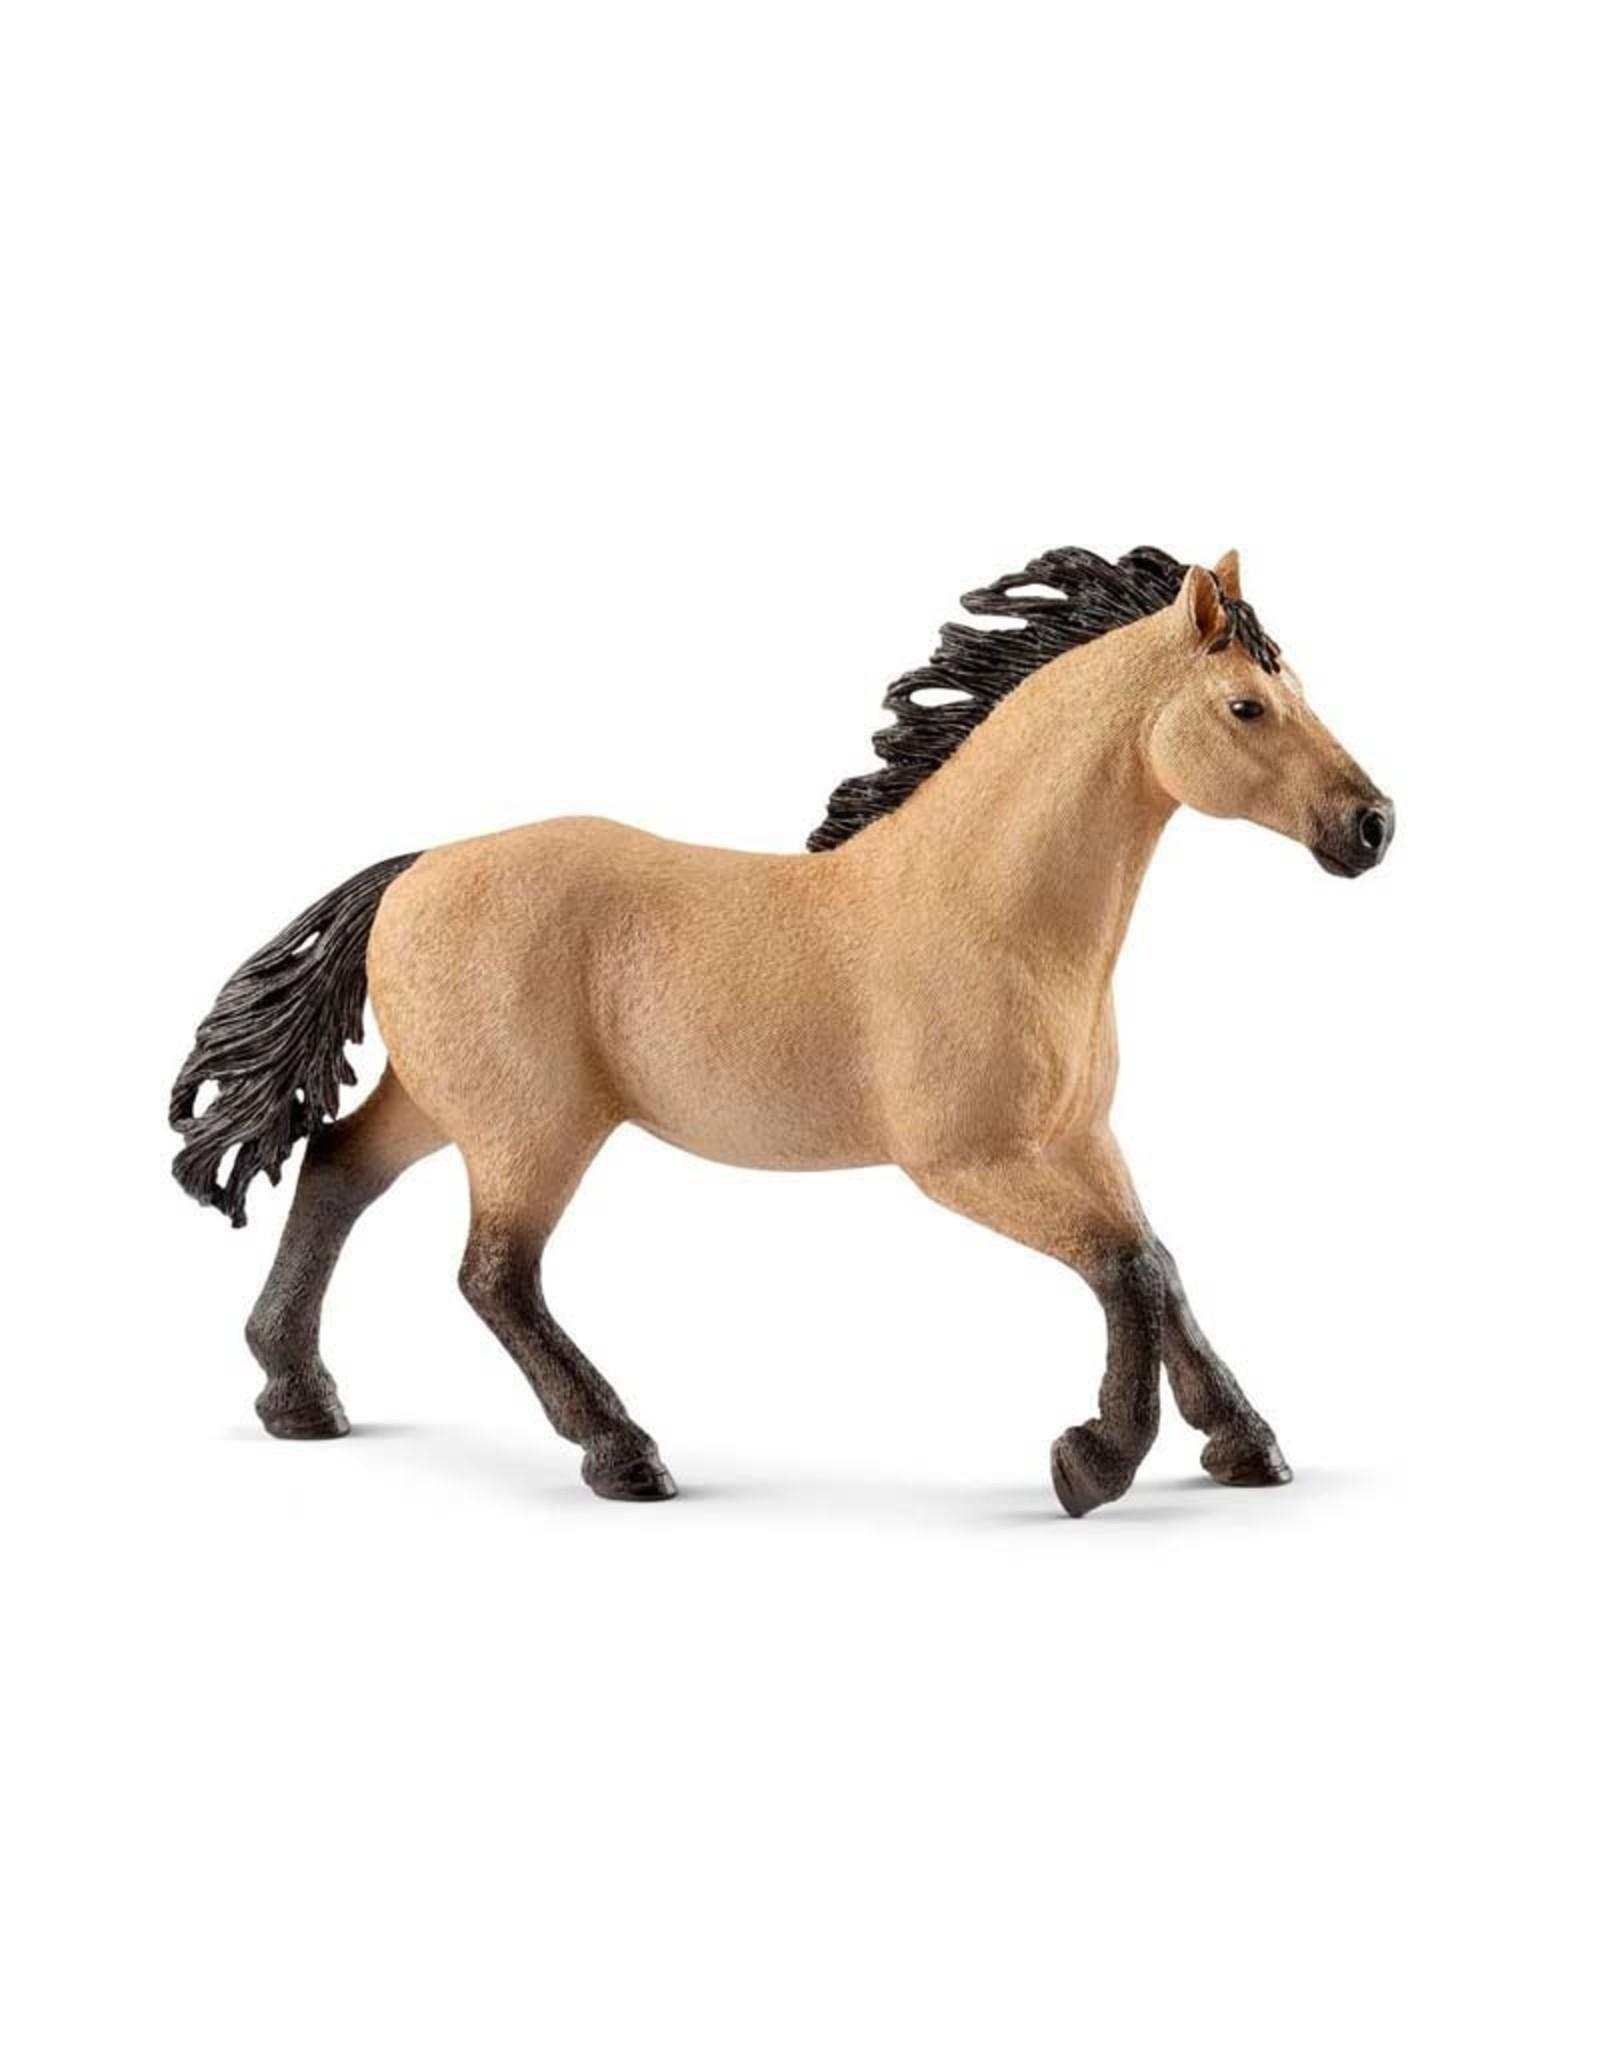 Schleich SCHLEICH QUARTER HORSE